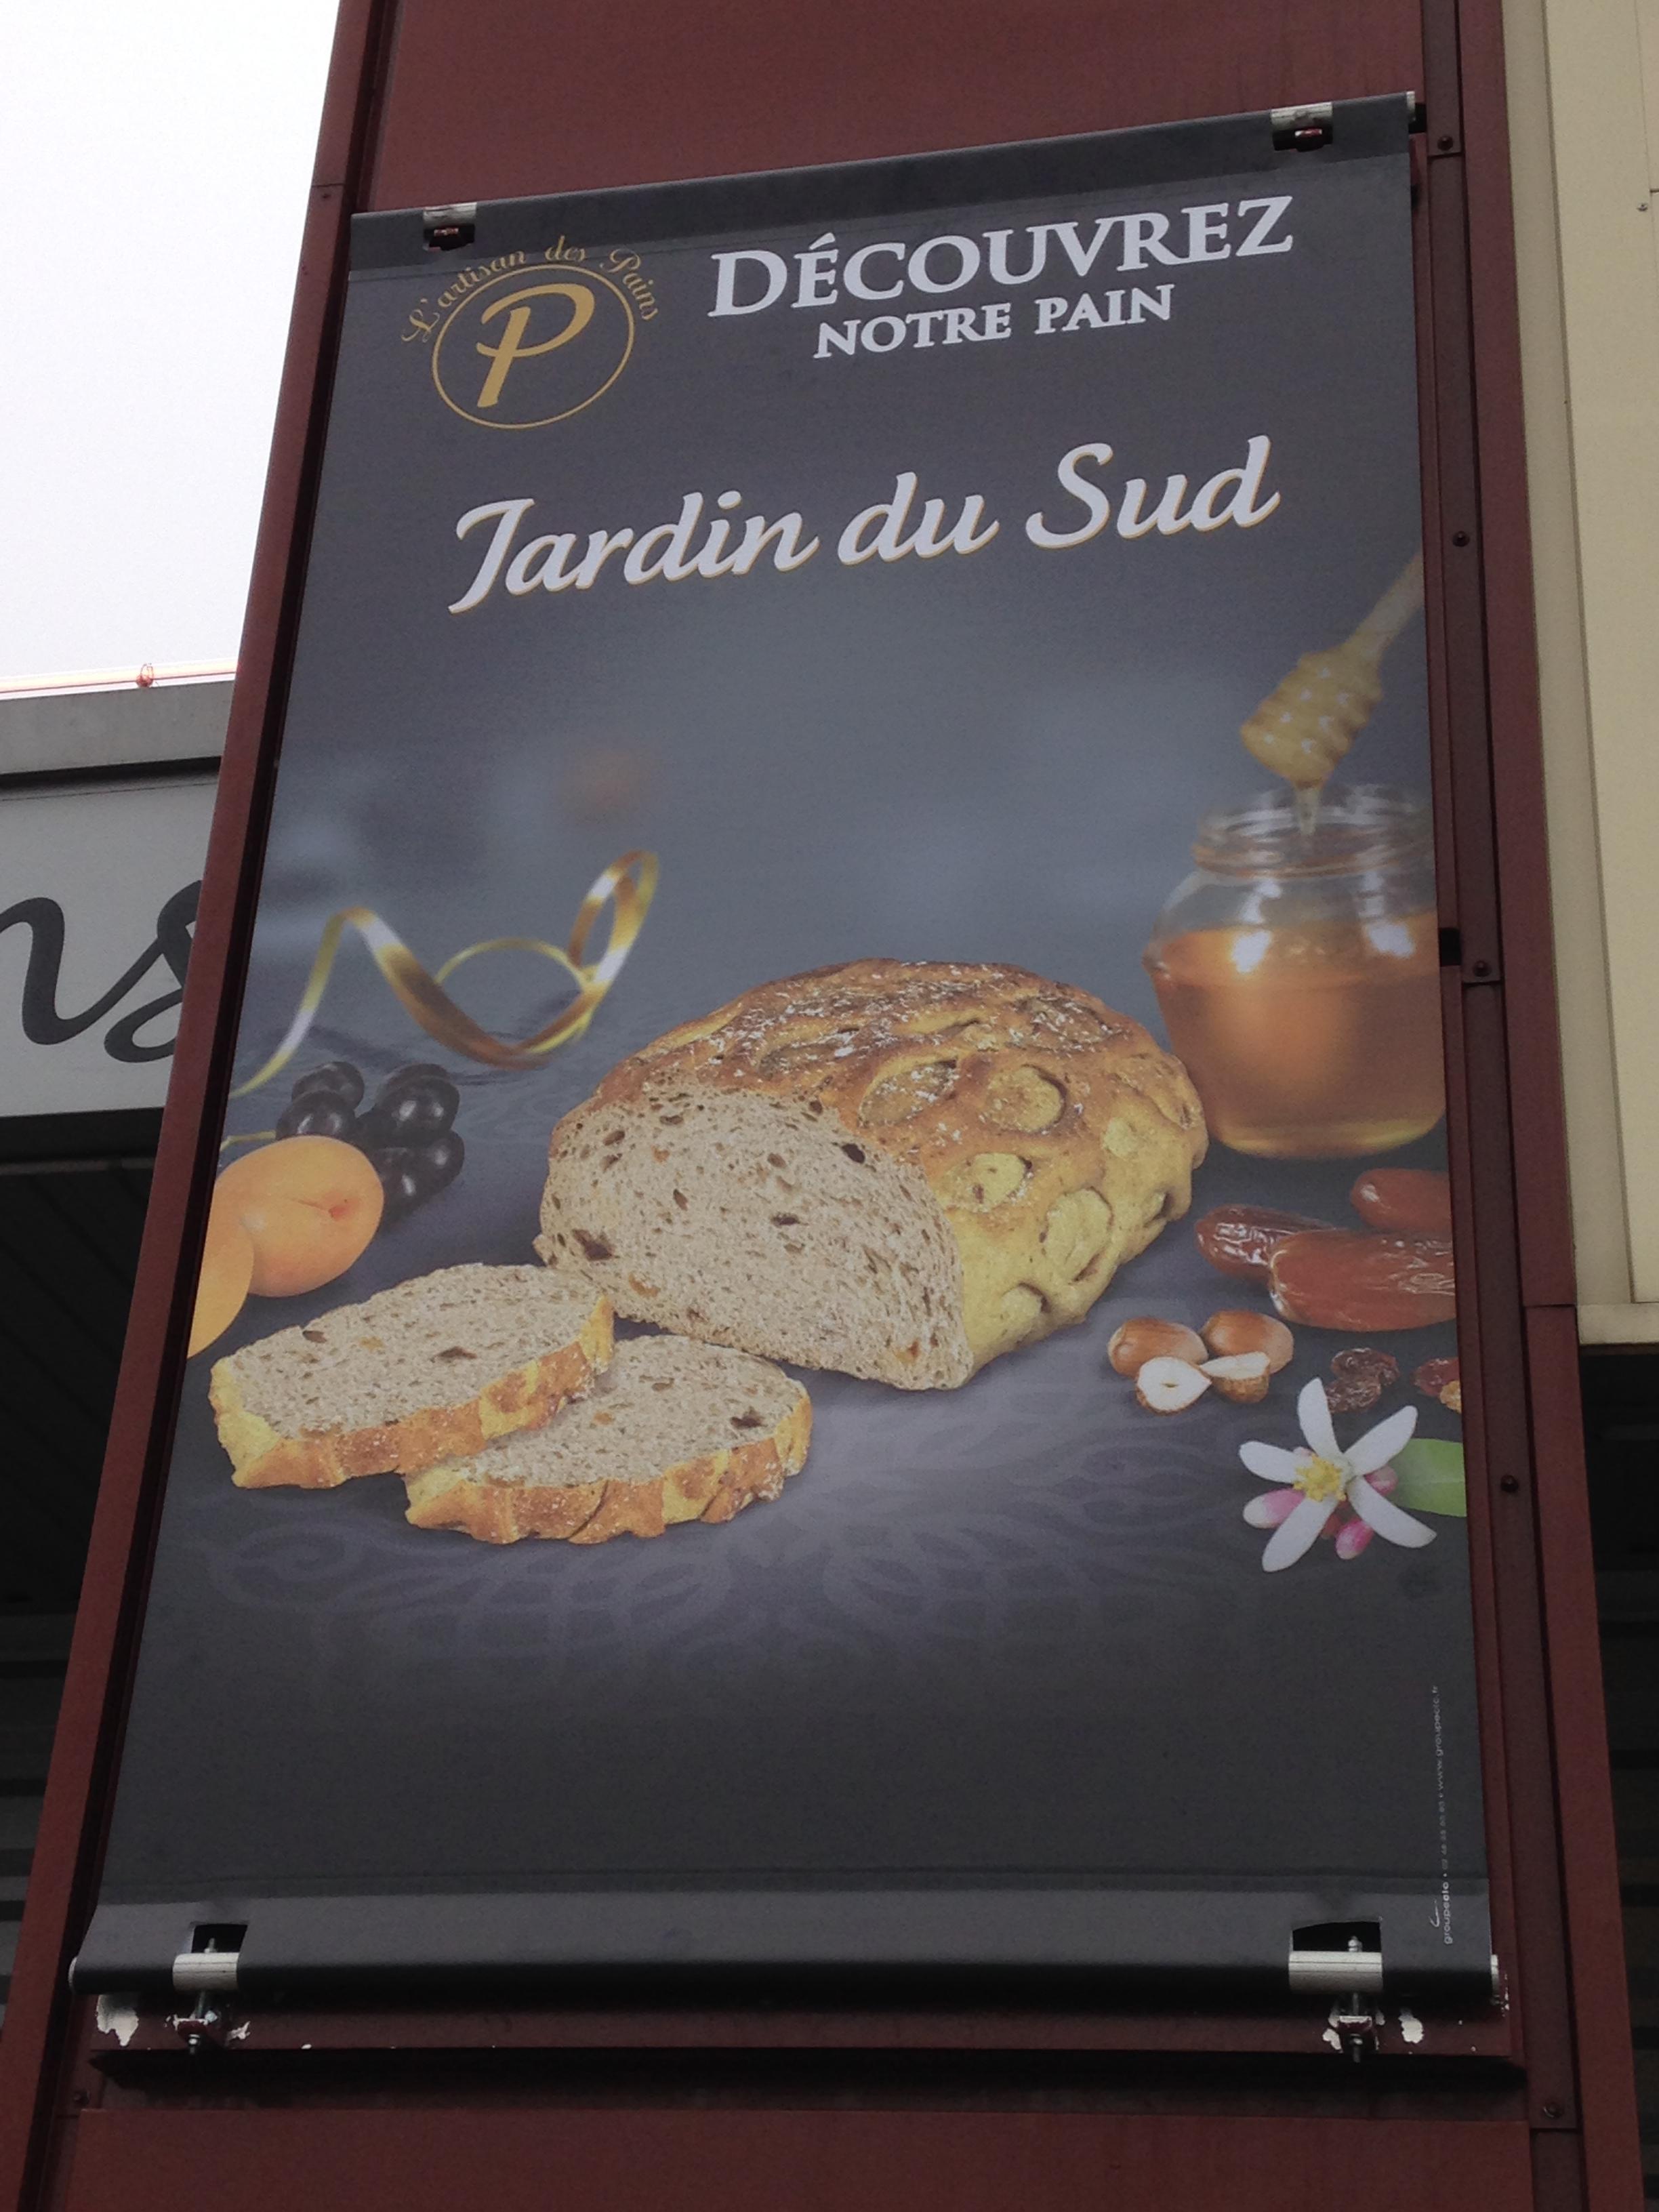 bâche tendue (kakémono) boulangerie Pouillard Saint Germain du Puy